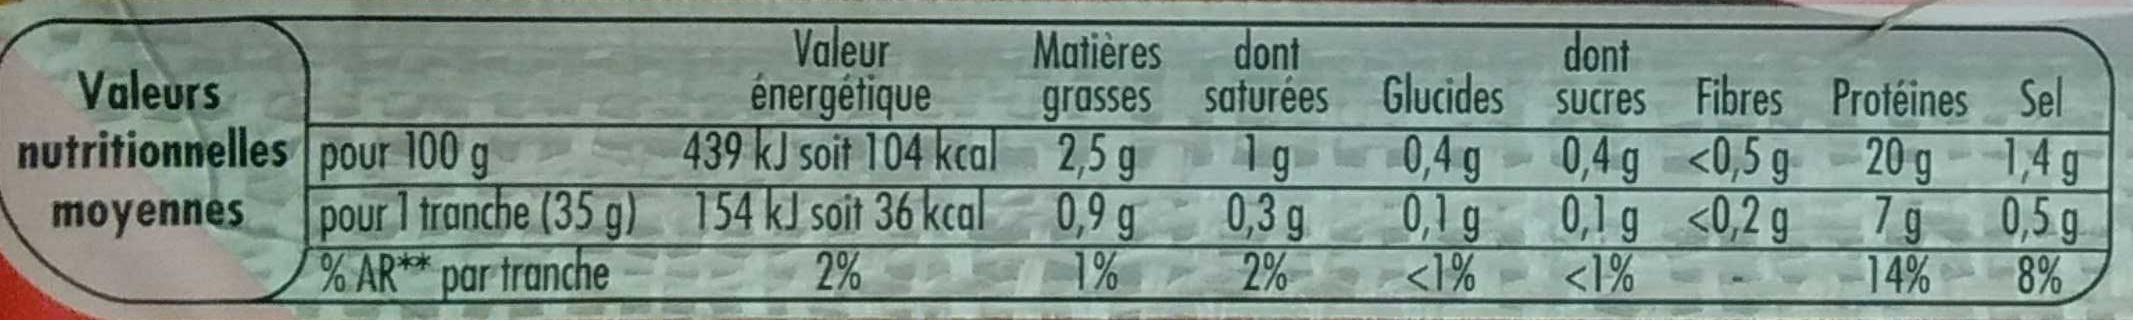 Le Bon Paris -25% de sel - Nutrition facts